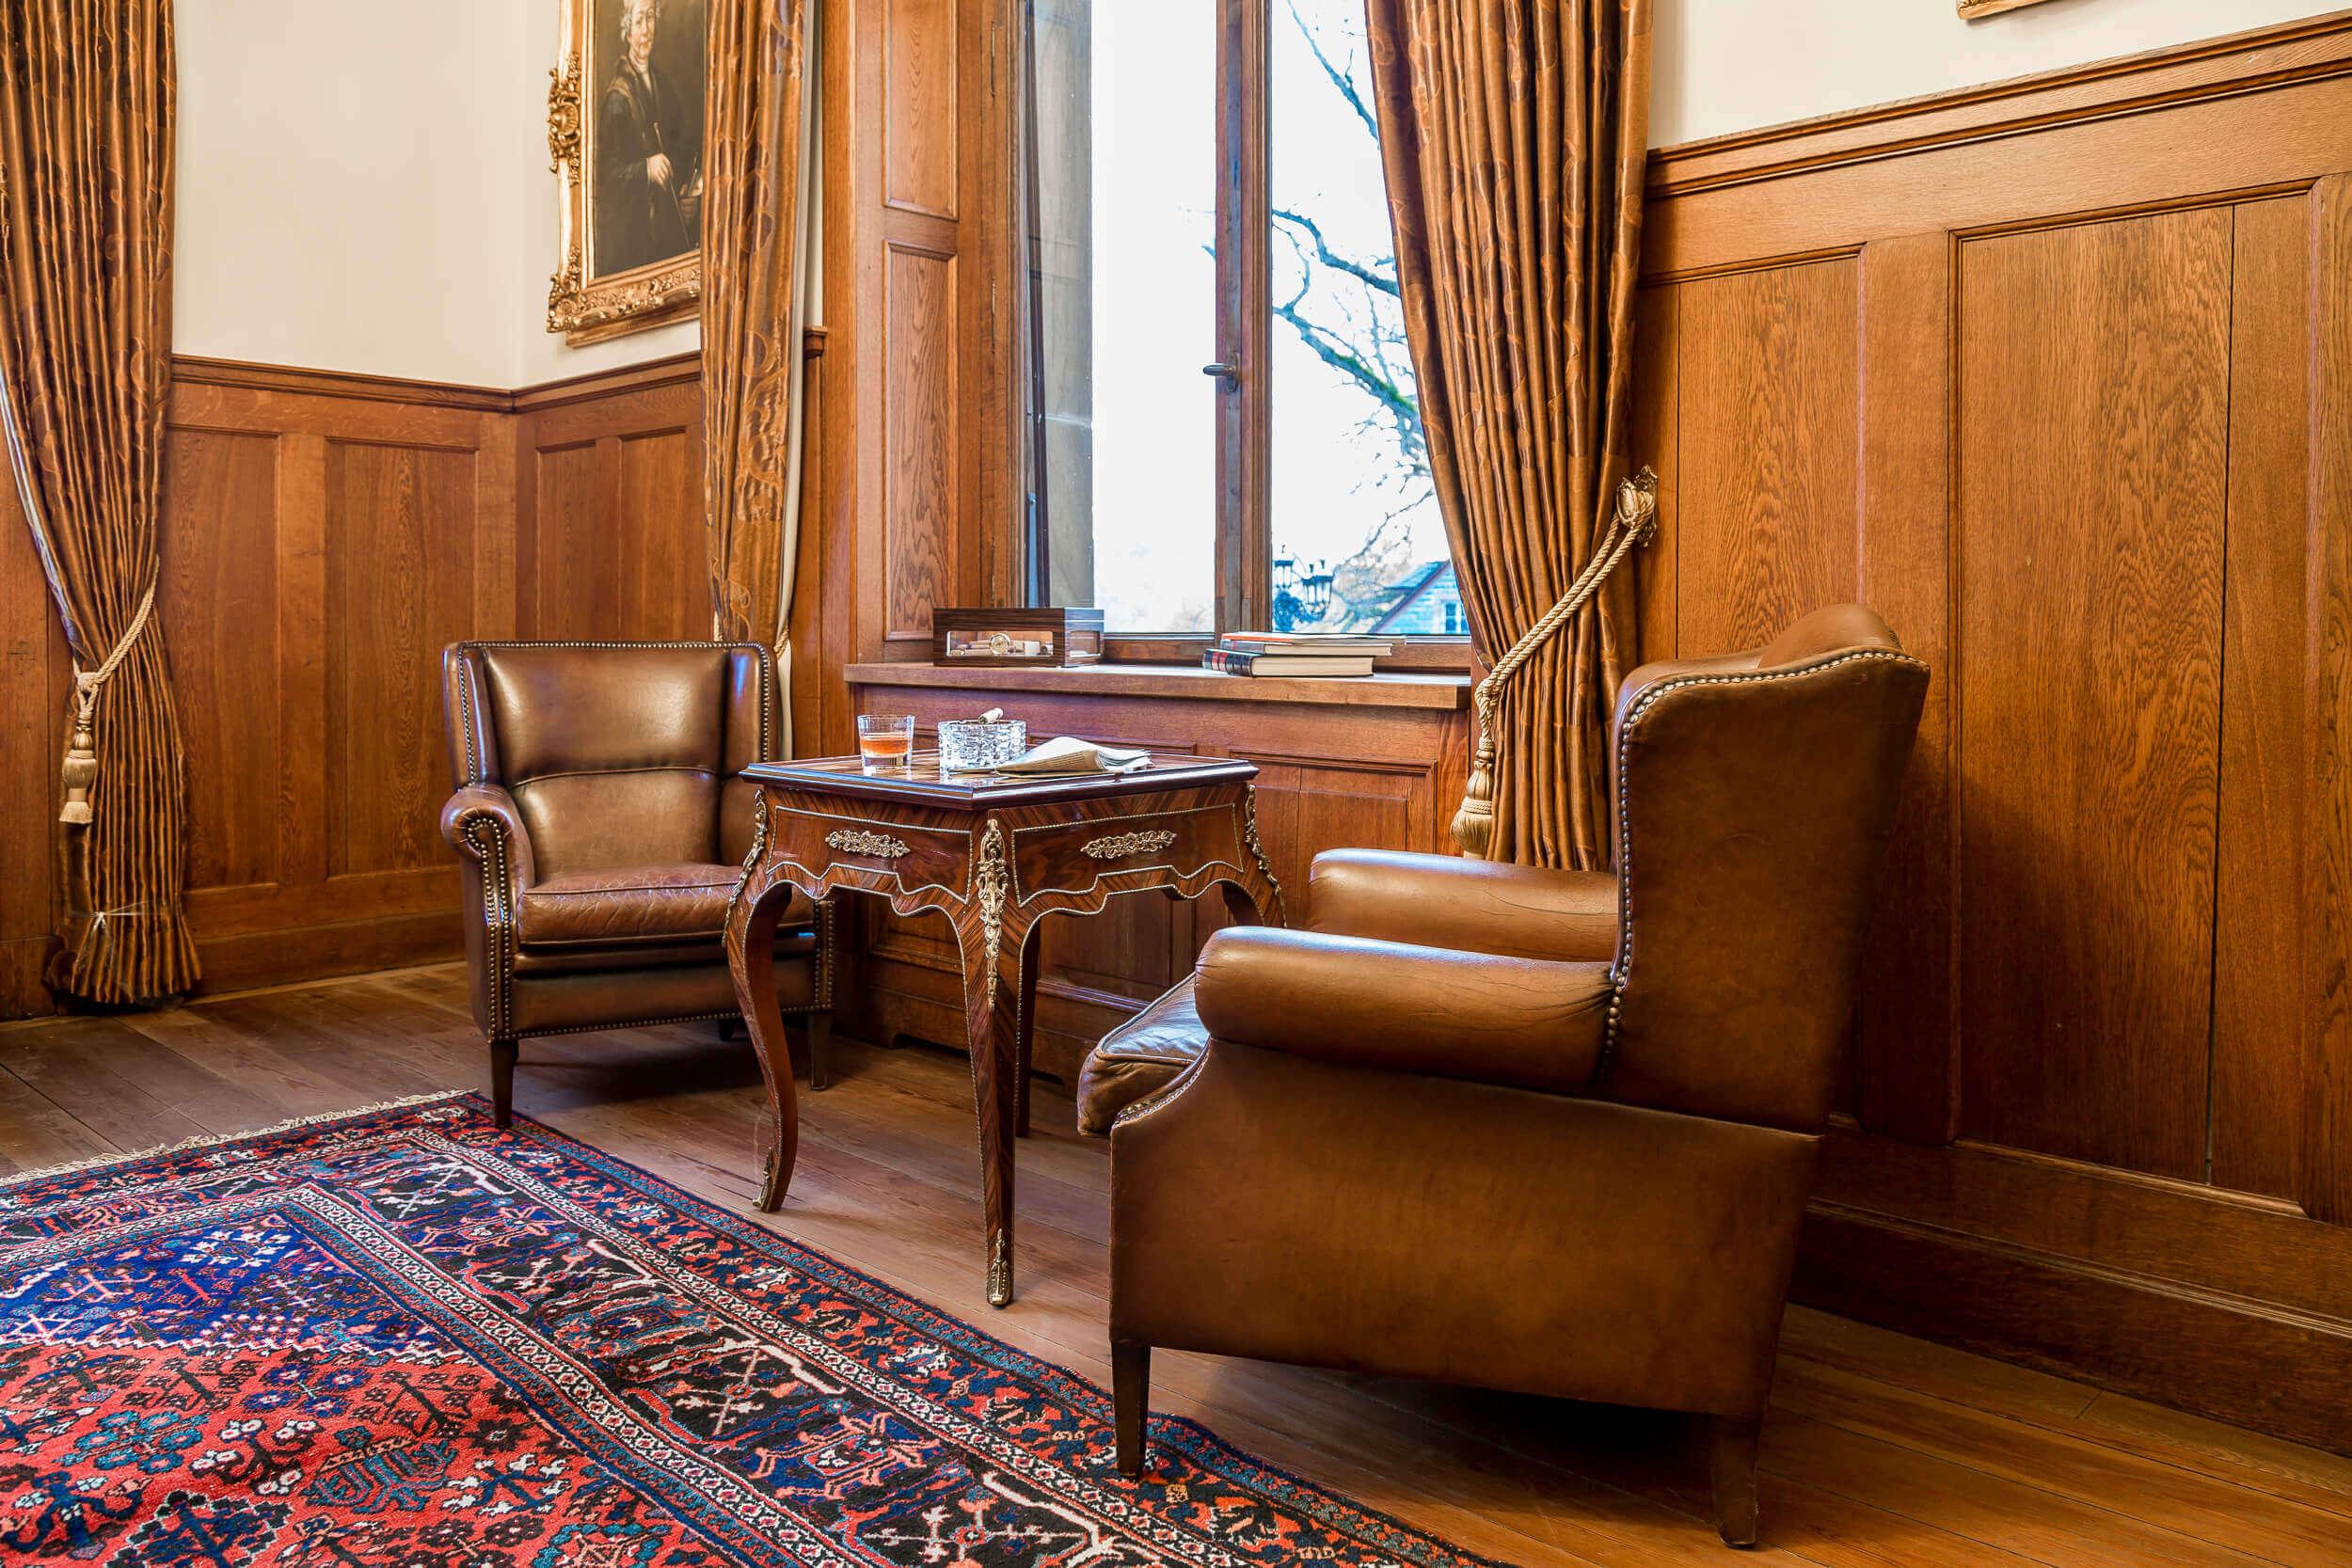 Schloss Lieser hotel detail